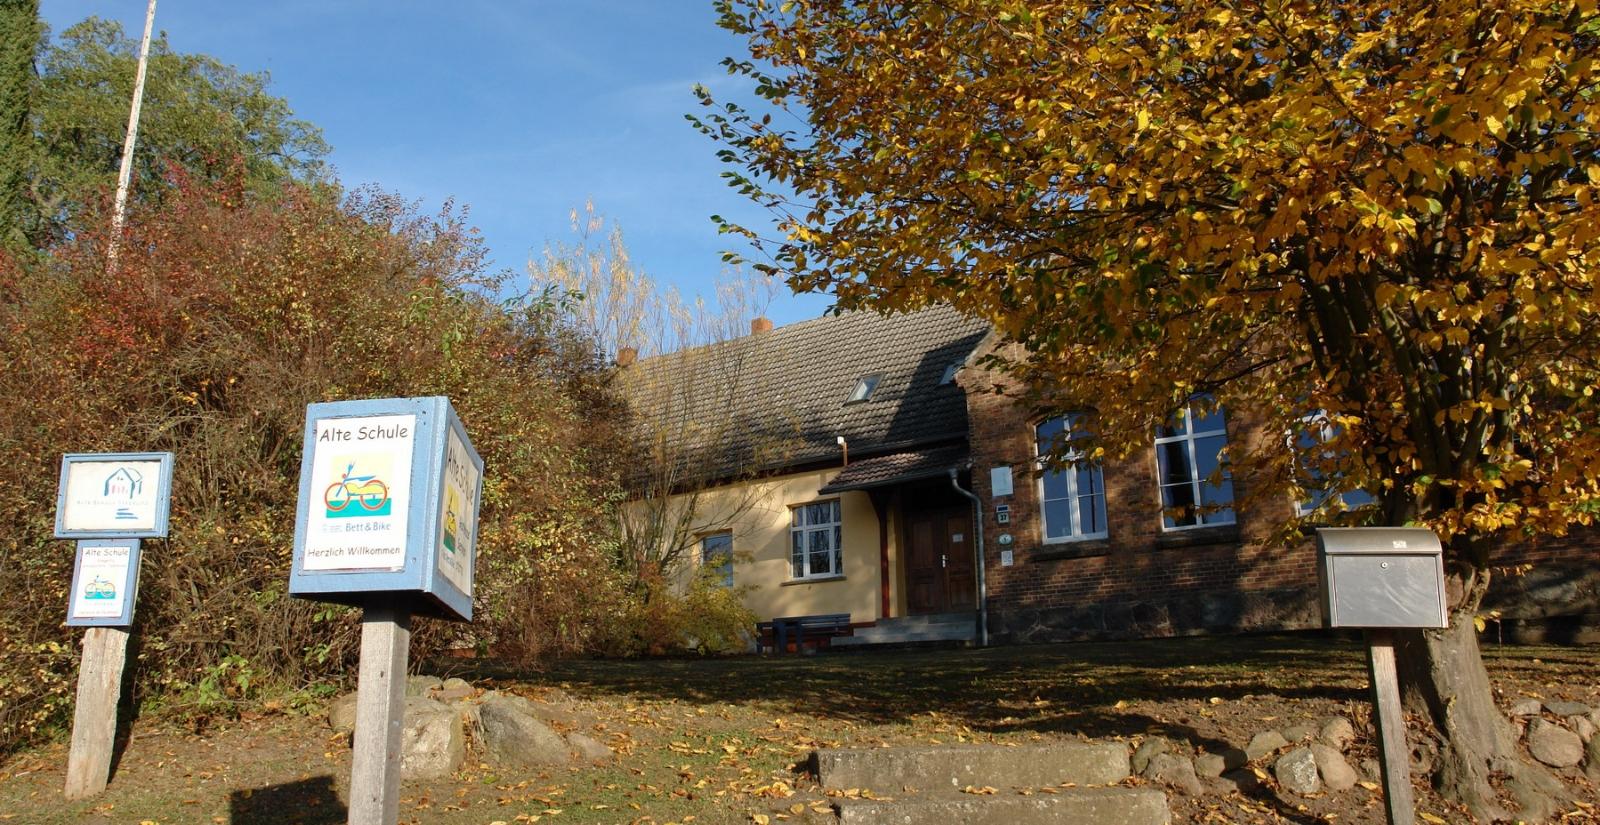 Alte Schule in Stegelitz